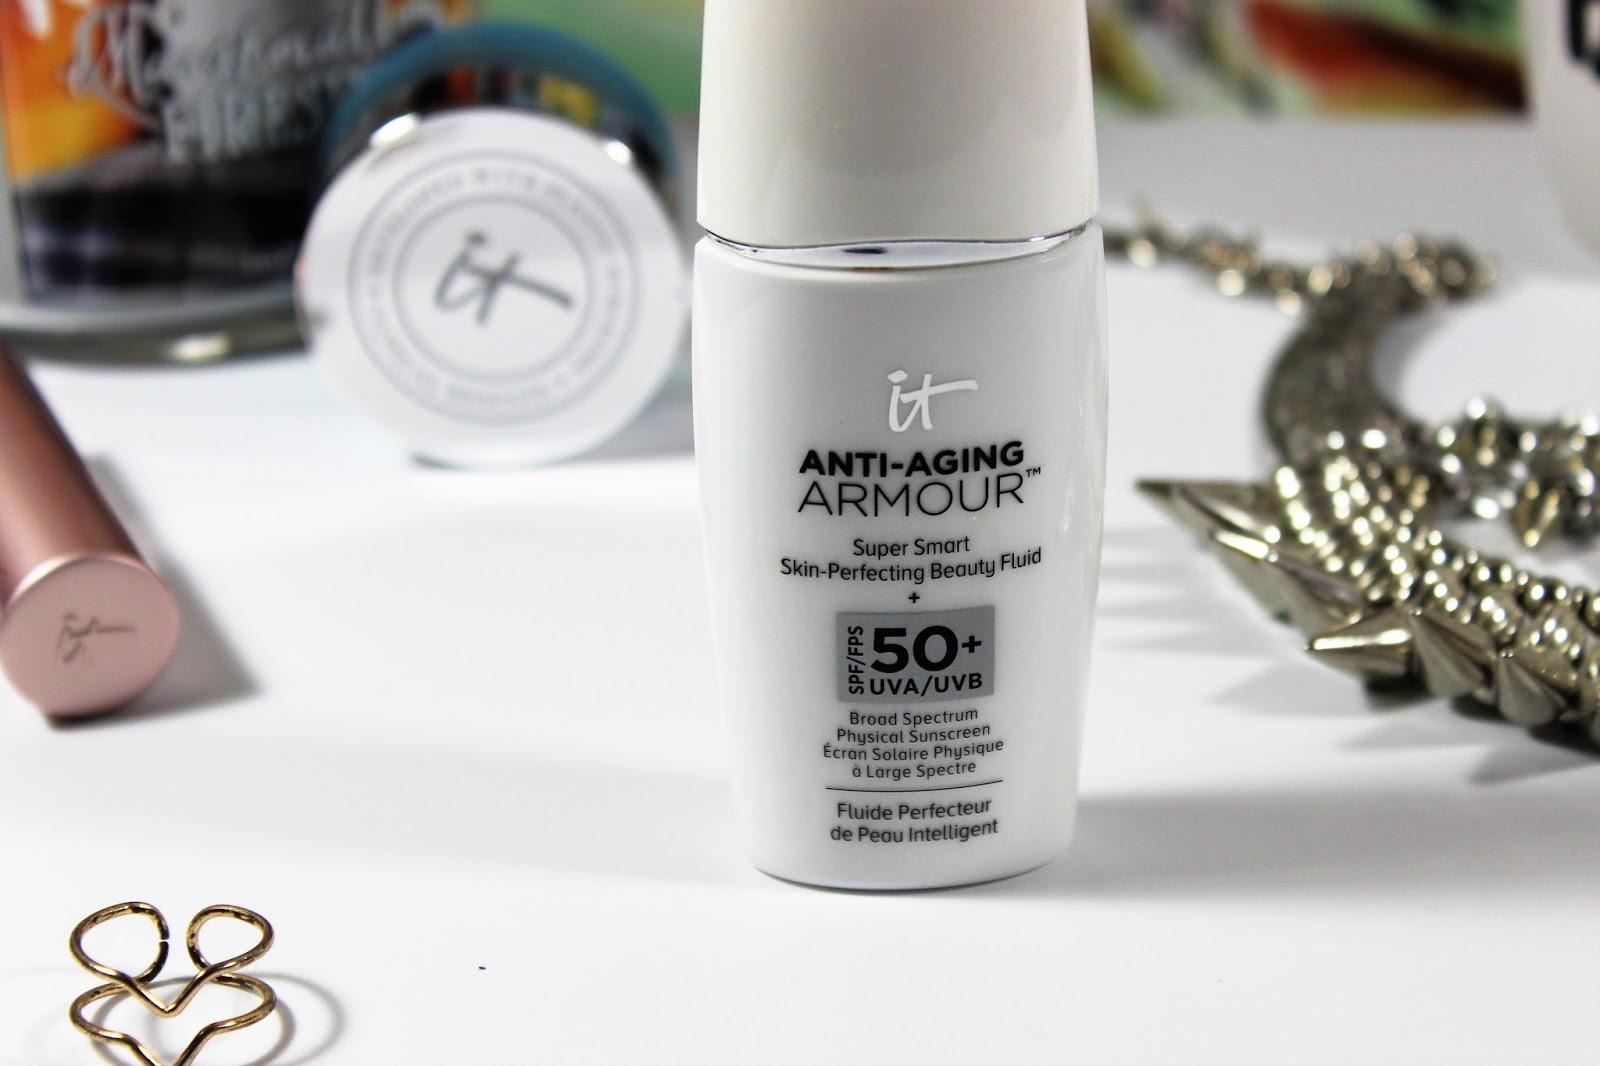 IT Cosmetics Beauty Fluid